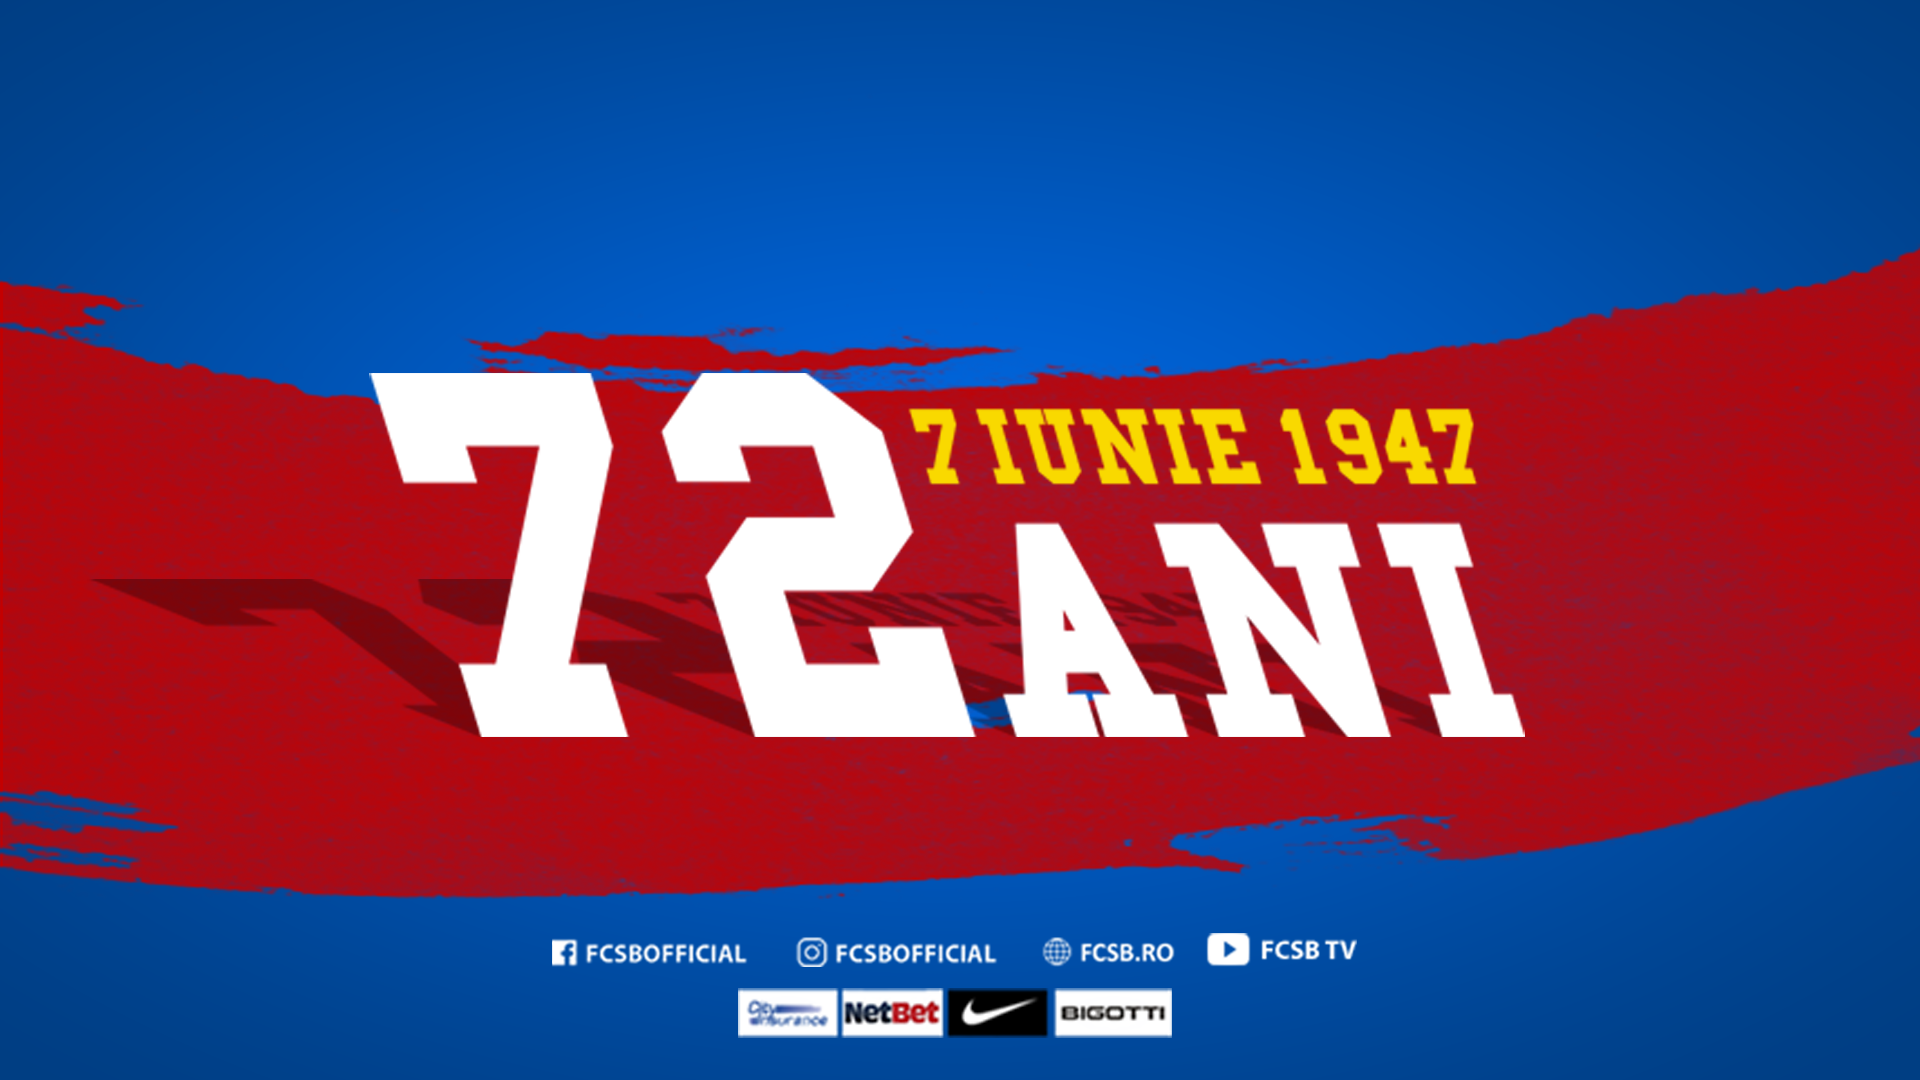 72 de ani de când lumea fotbalului s-a schimbat!>